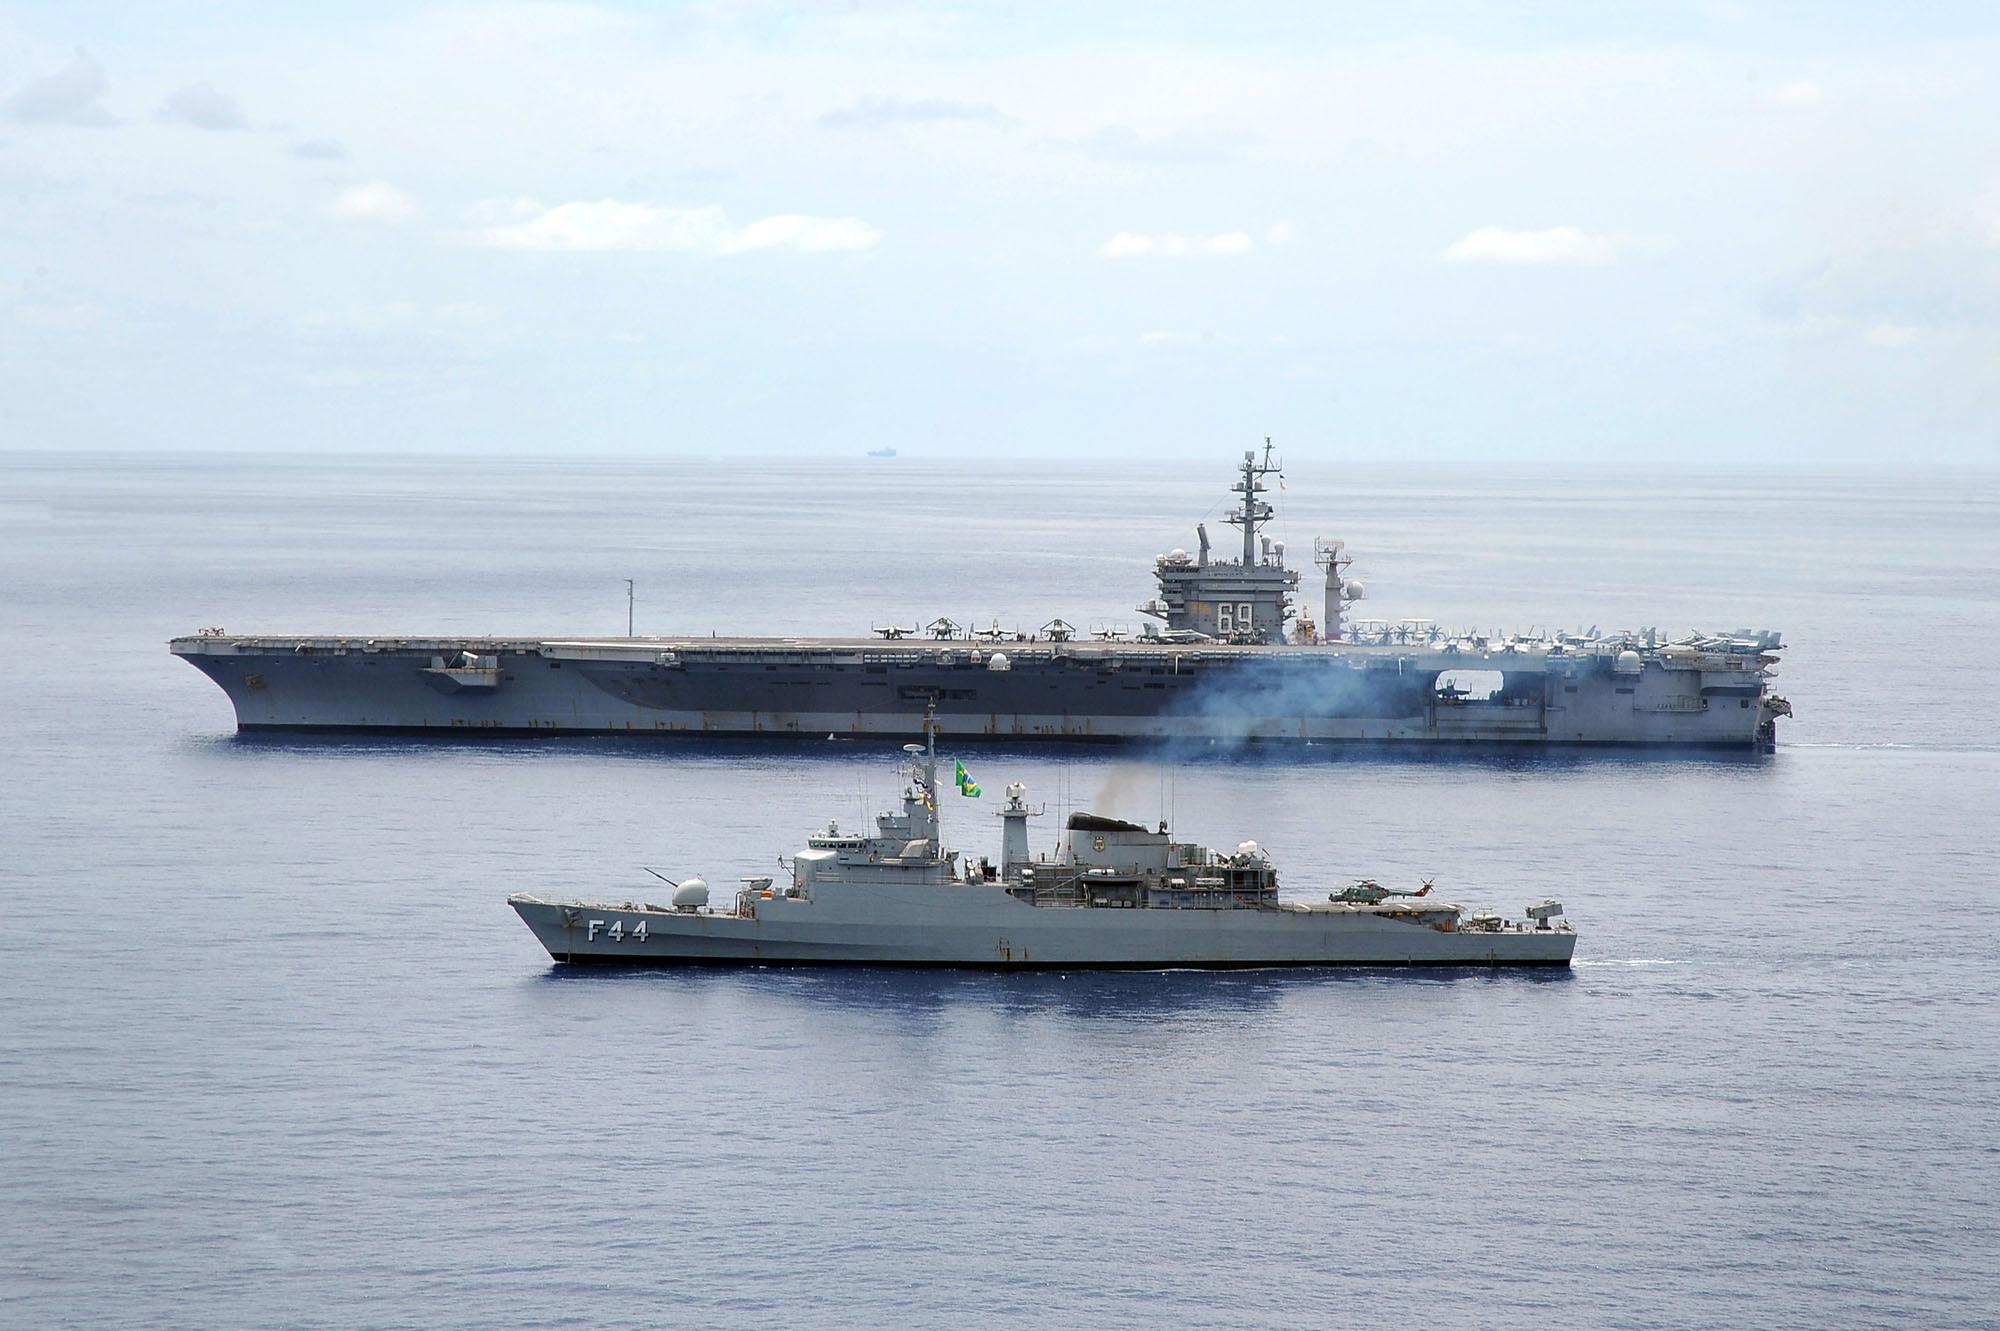 Fragata Independência (F44) operando com o porta-aviões USS Dwight D. Eisenhower (CVN 69) e seu Carrier Strike Group 8 no Atlântico Norte